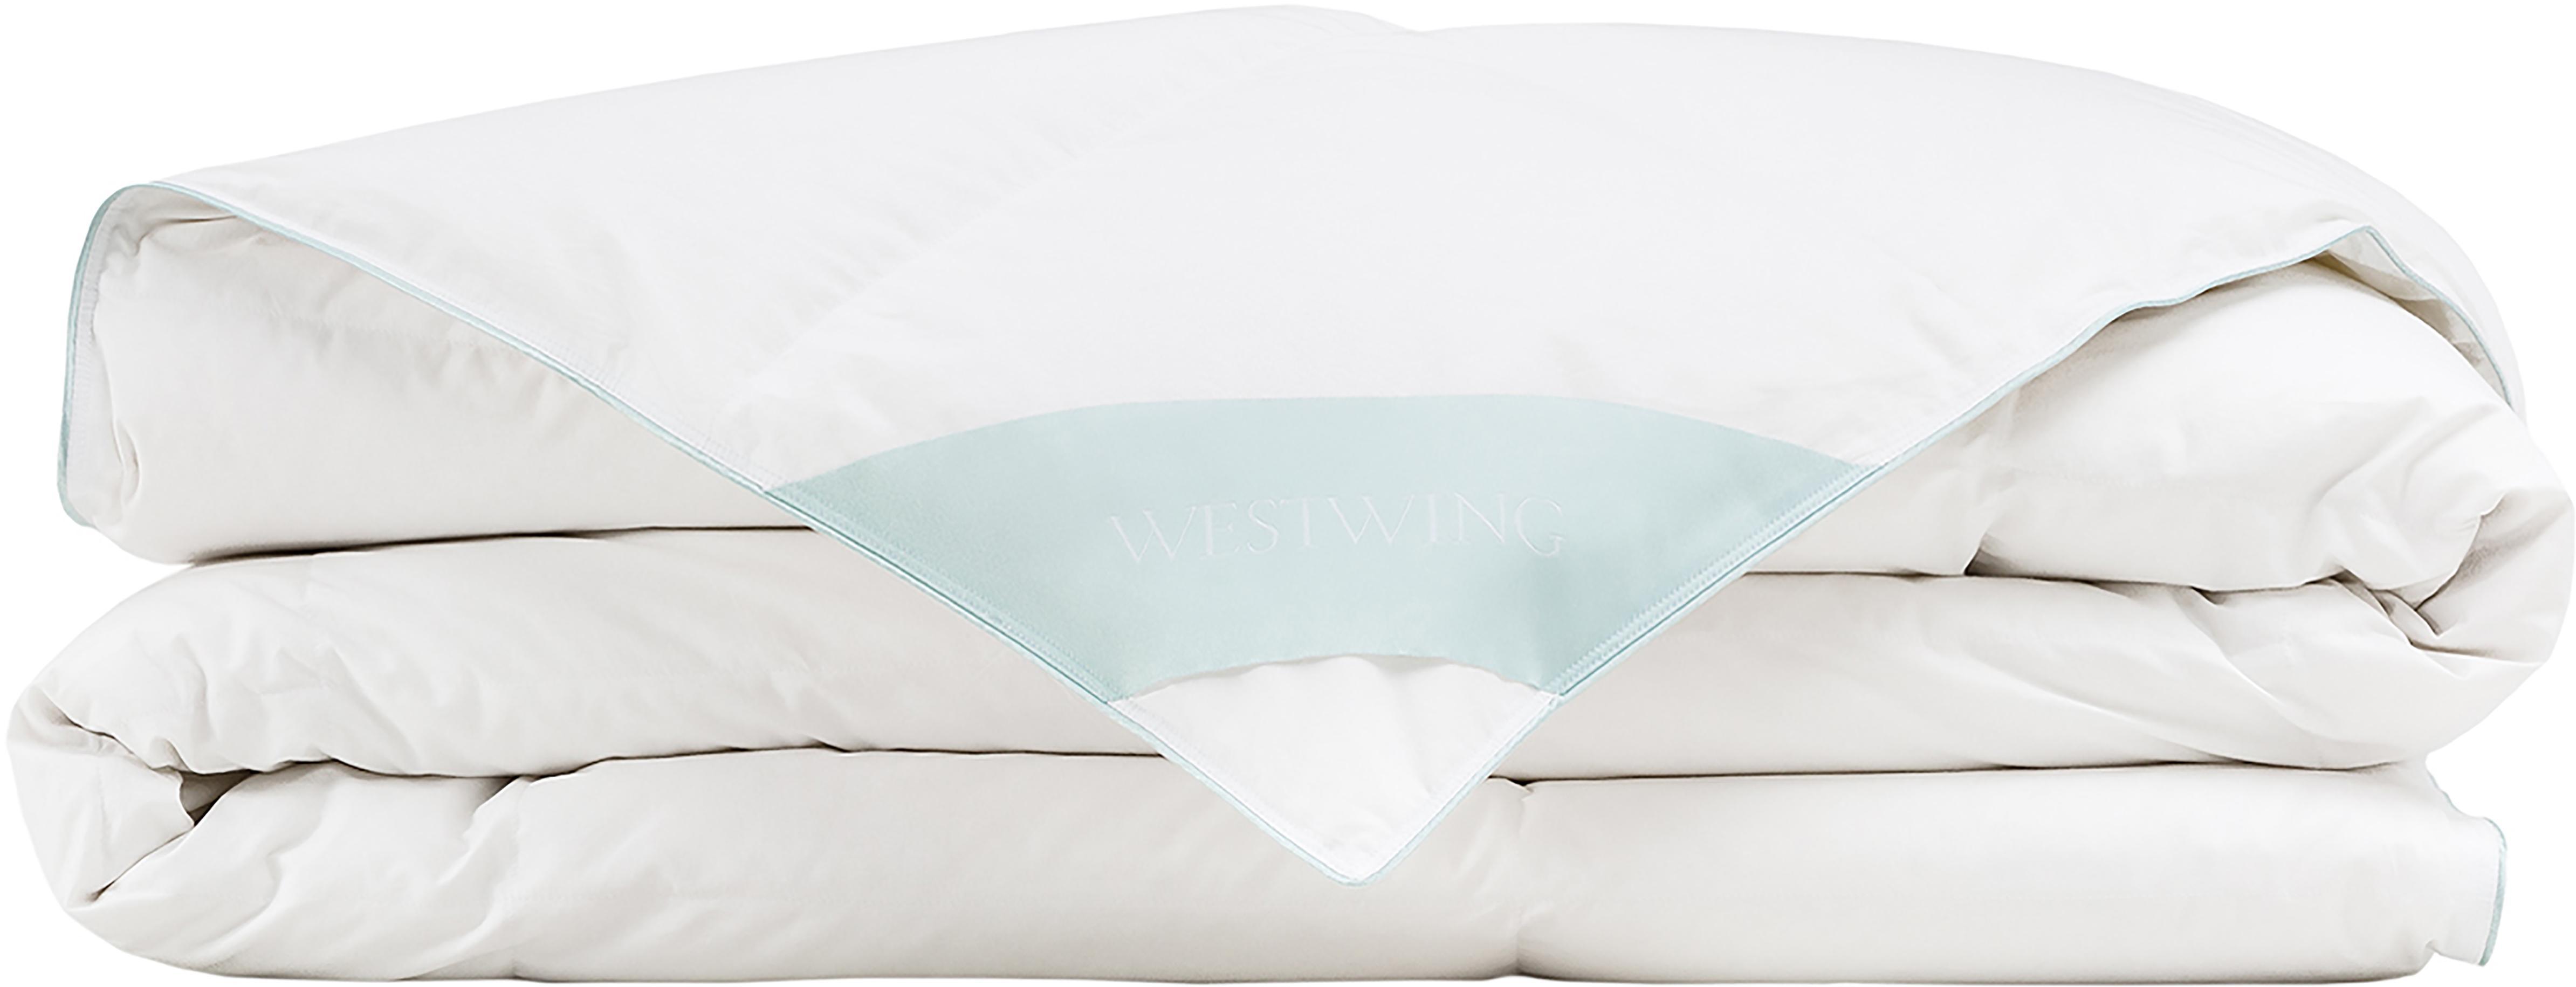 Reine Daunen-Bettdecke Premium, leicht, Hülle: 100% Baumwolle, feine Mak, Weiß, 135 x 200 cm